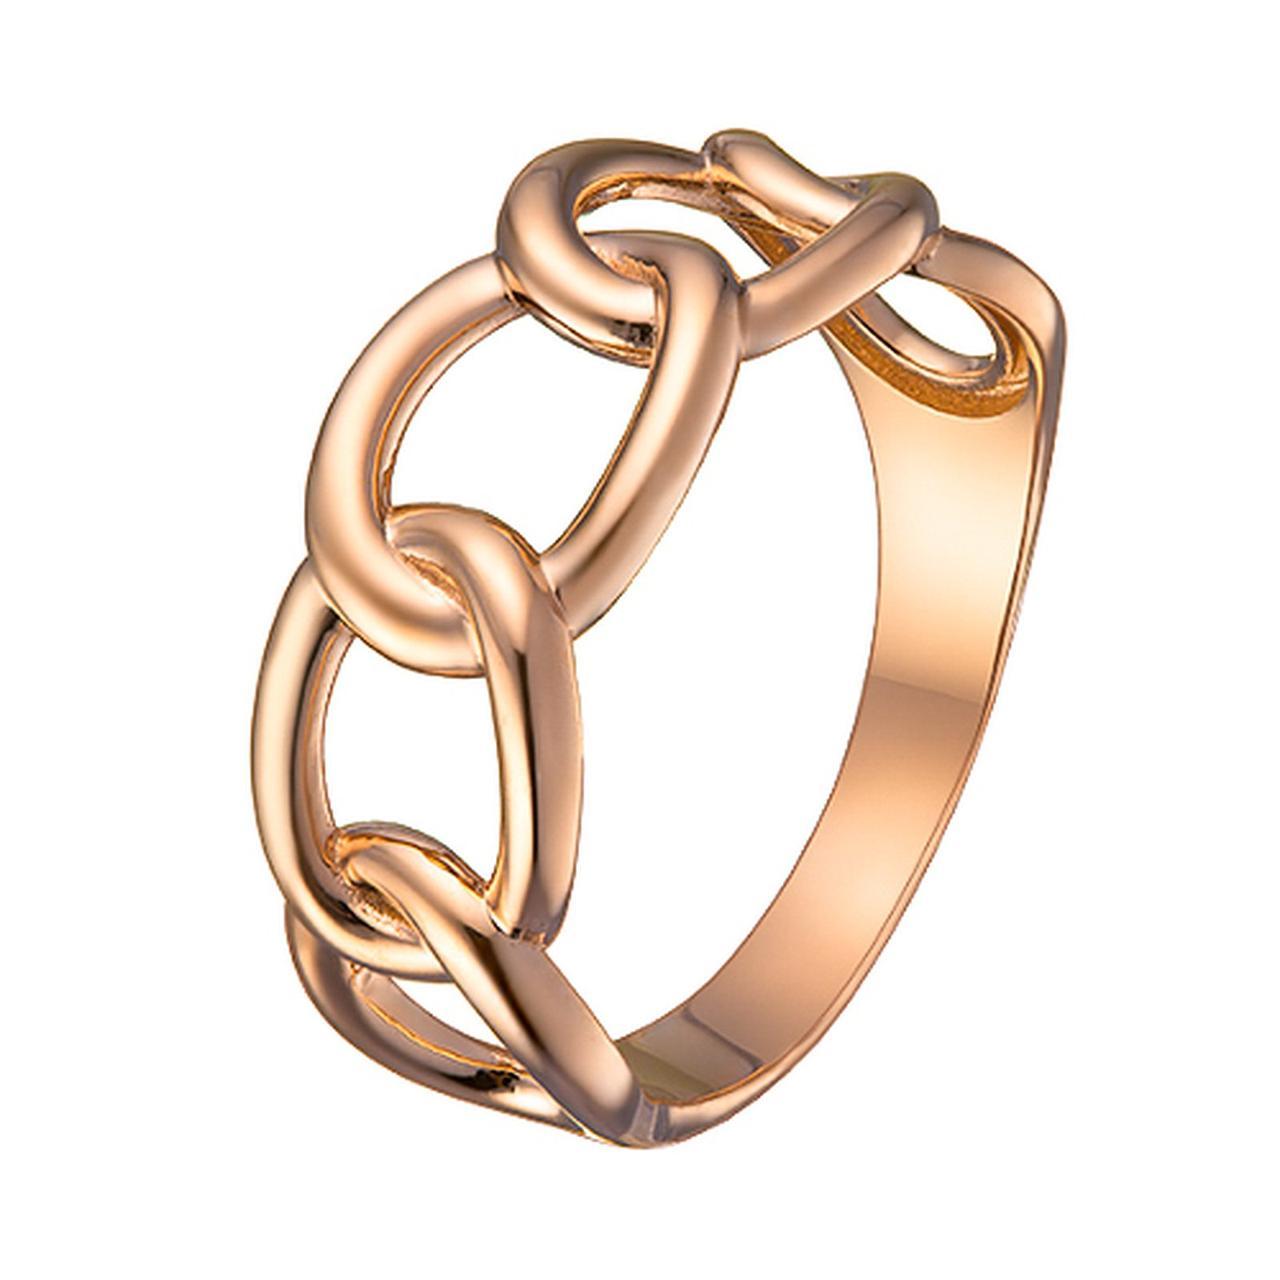 Золотое кольцо, размер 17 (1722092)